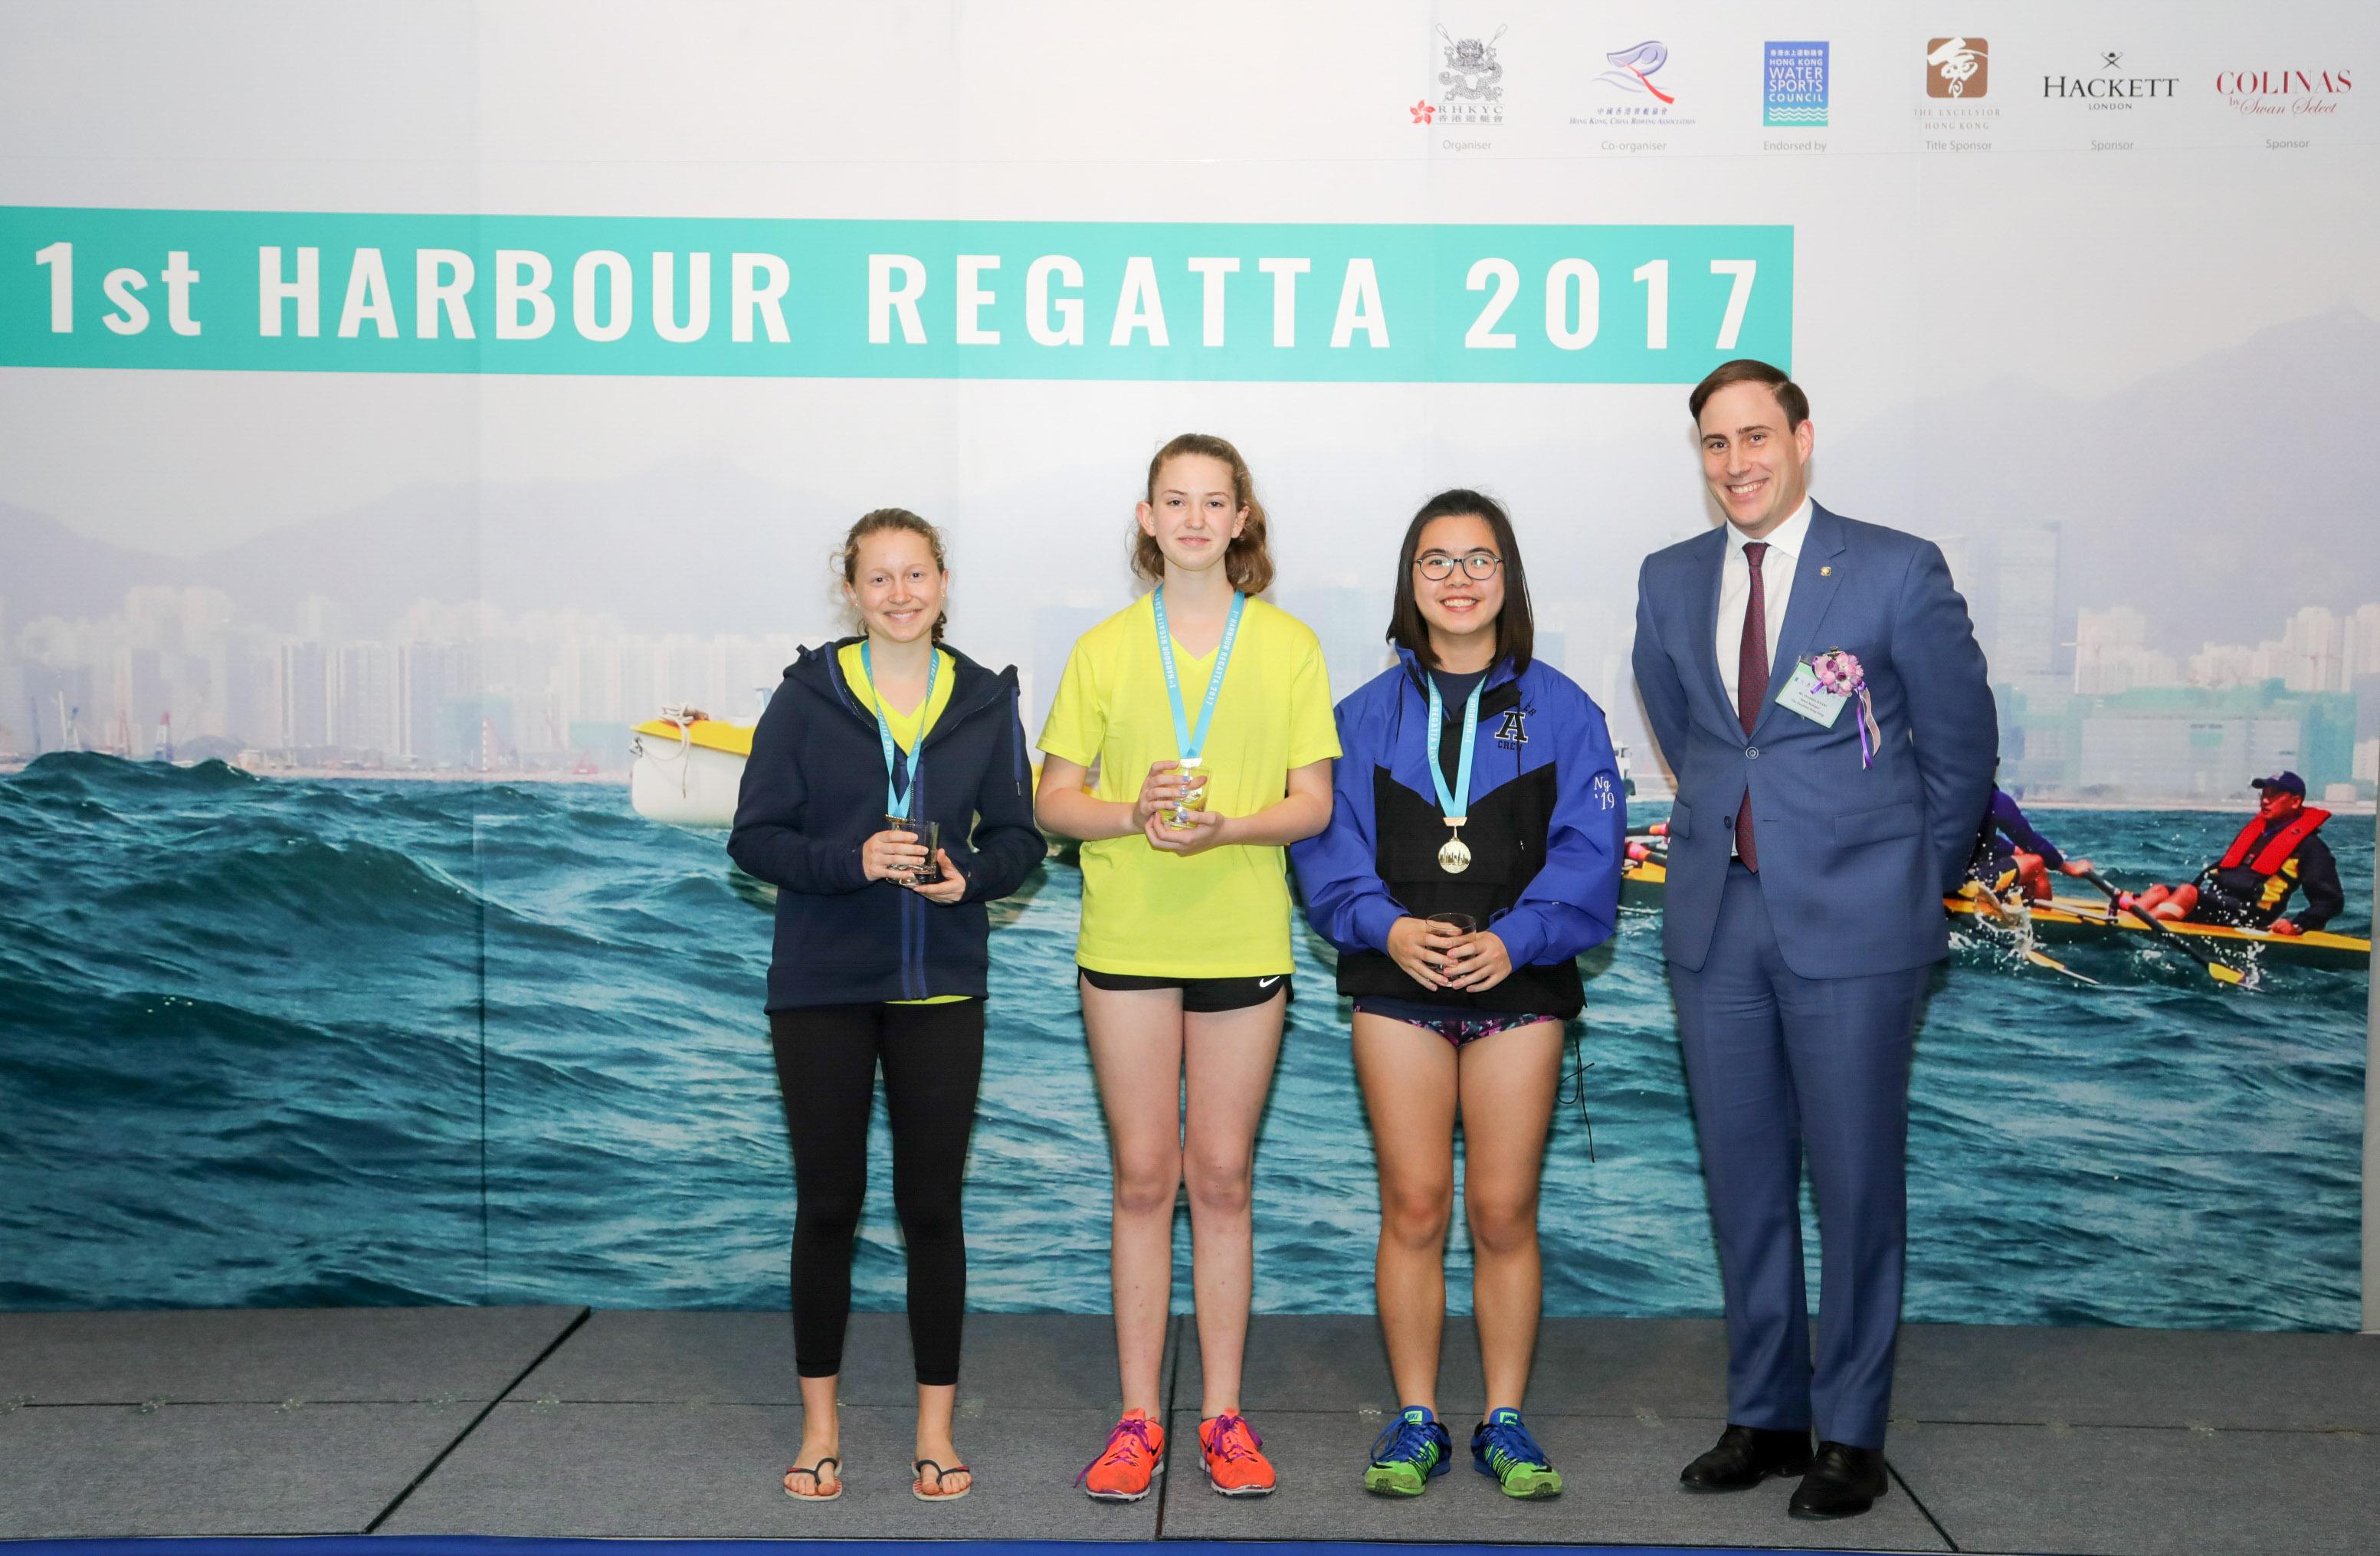 Harbour Regatta 2017